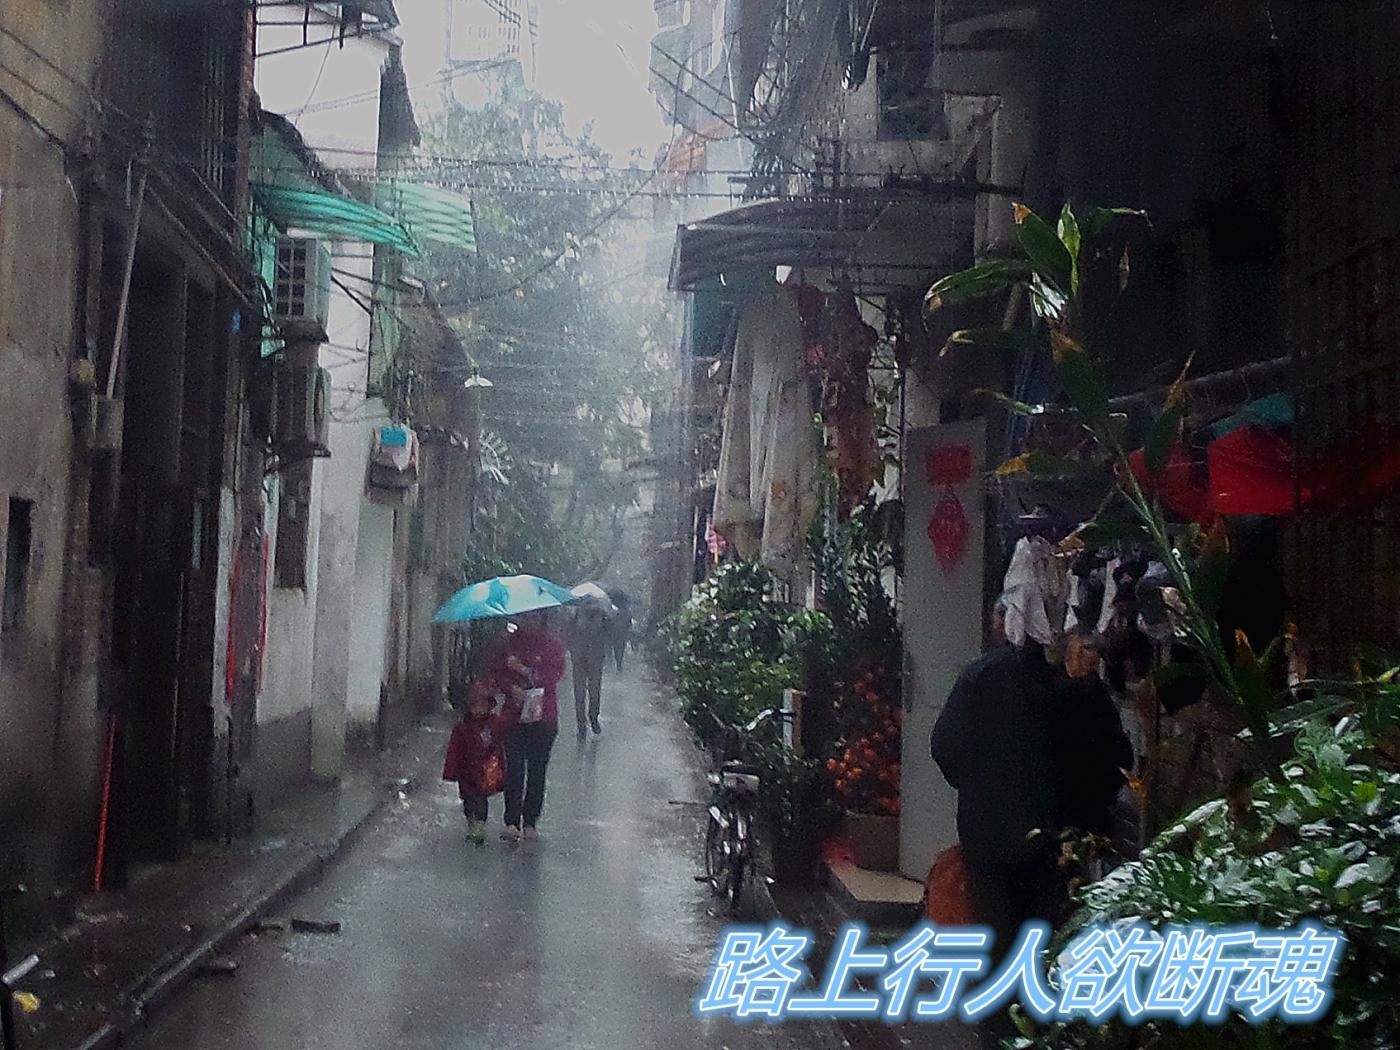 【四格照片】清明时节雨纷纷_图1-2